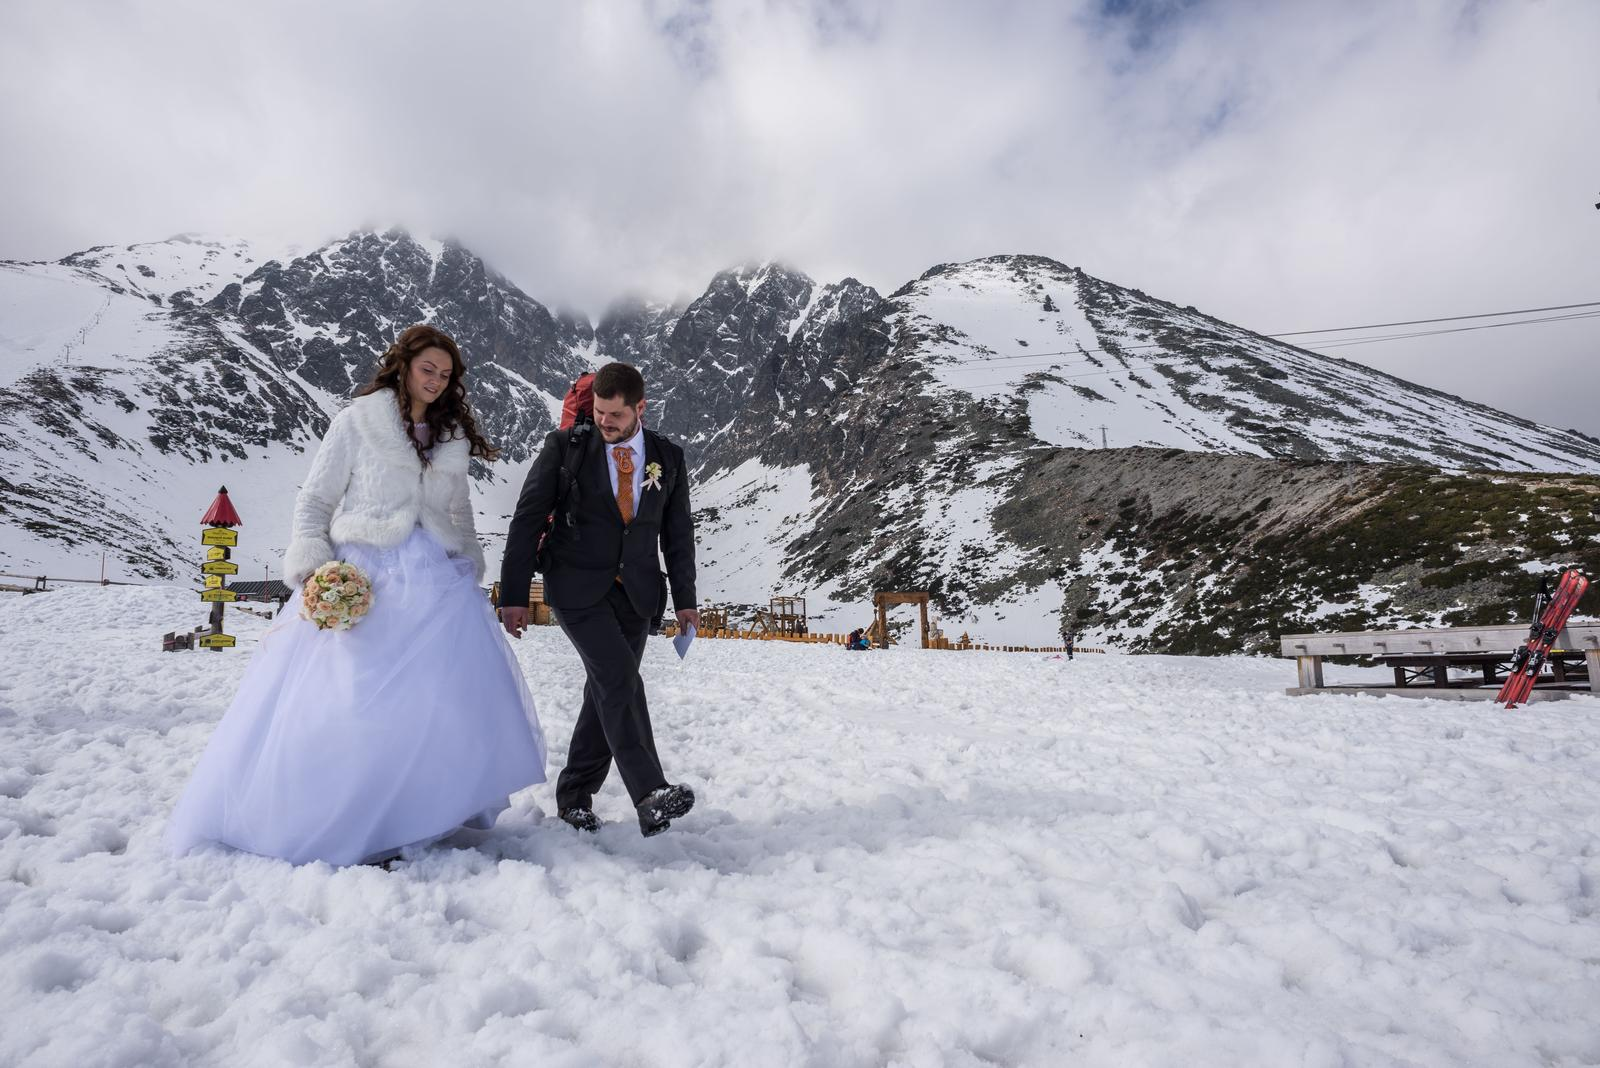 Zimná svadba keď je... - Obrázok č. 1